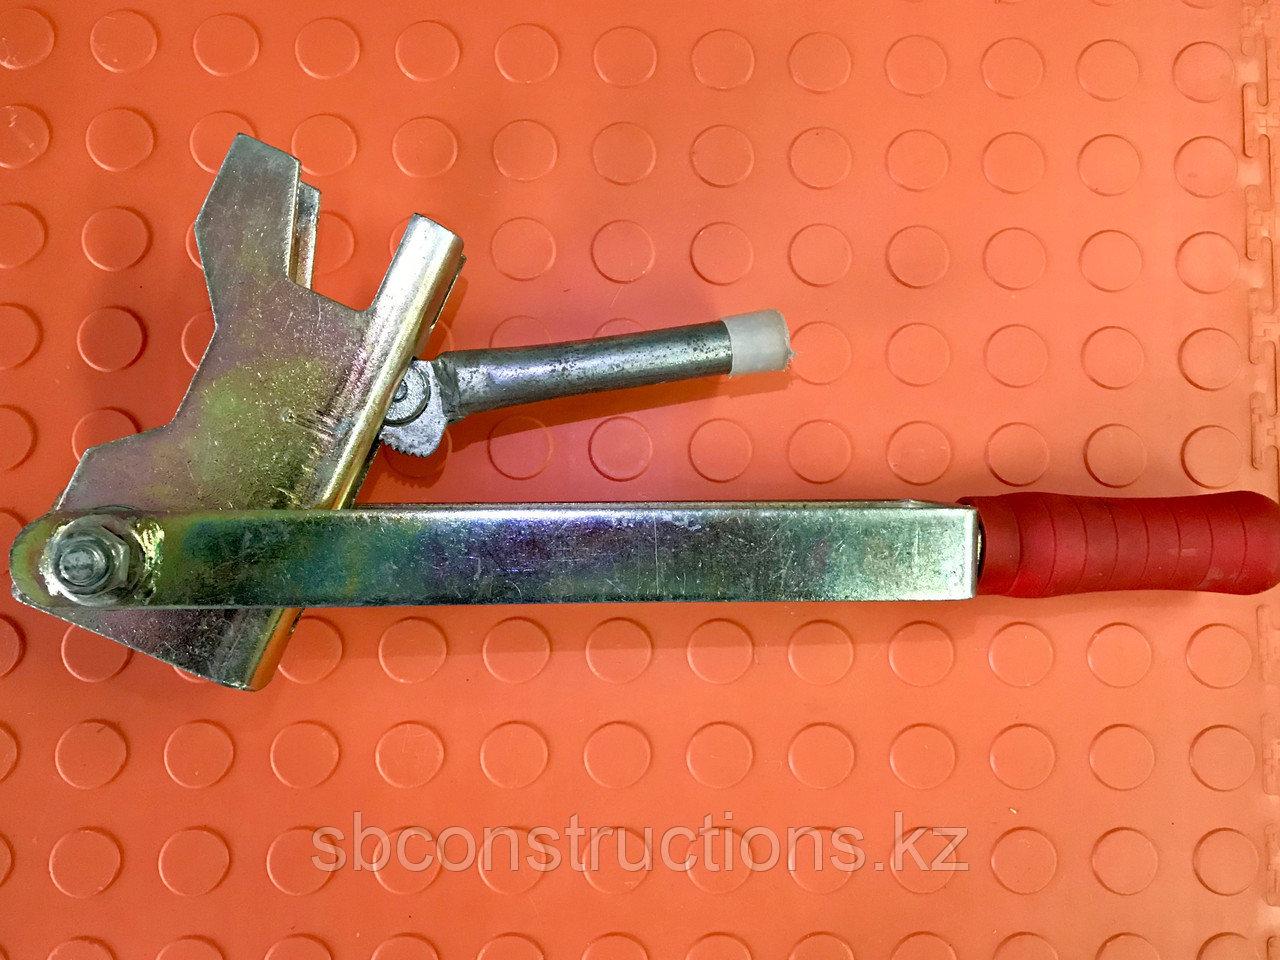 Ключ для пружинного зажима рычажной большой для опалубки (строительная клипса, чирозы)